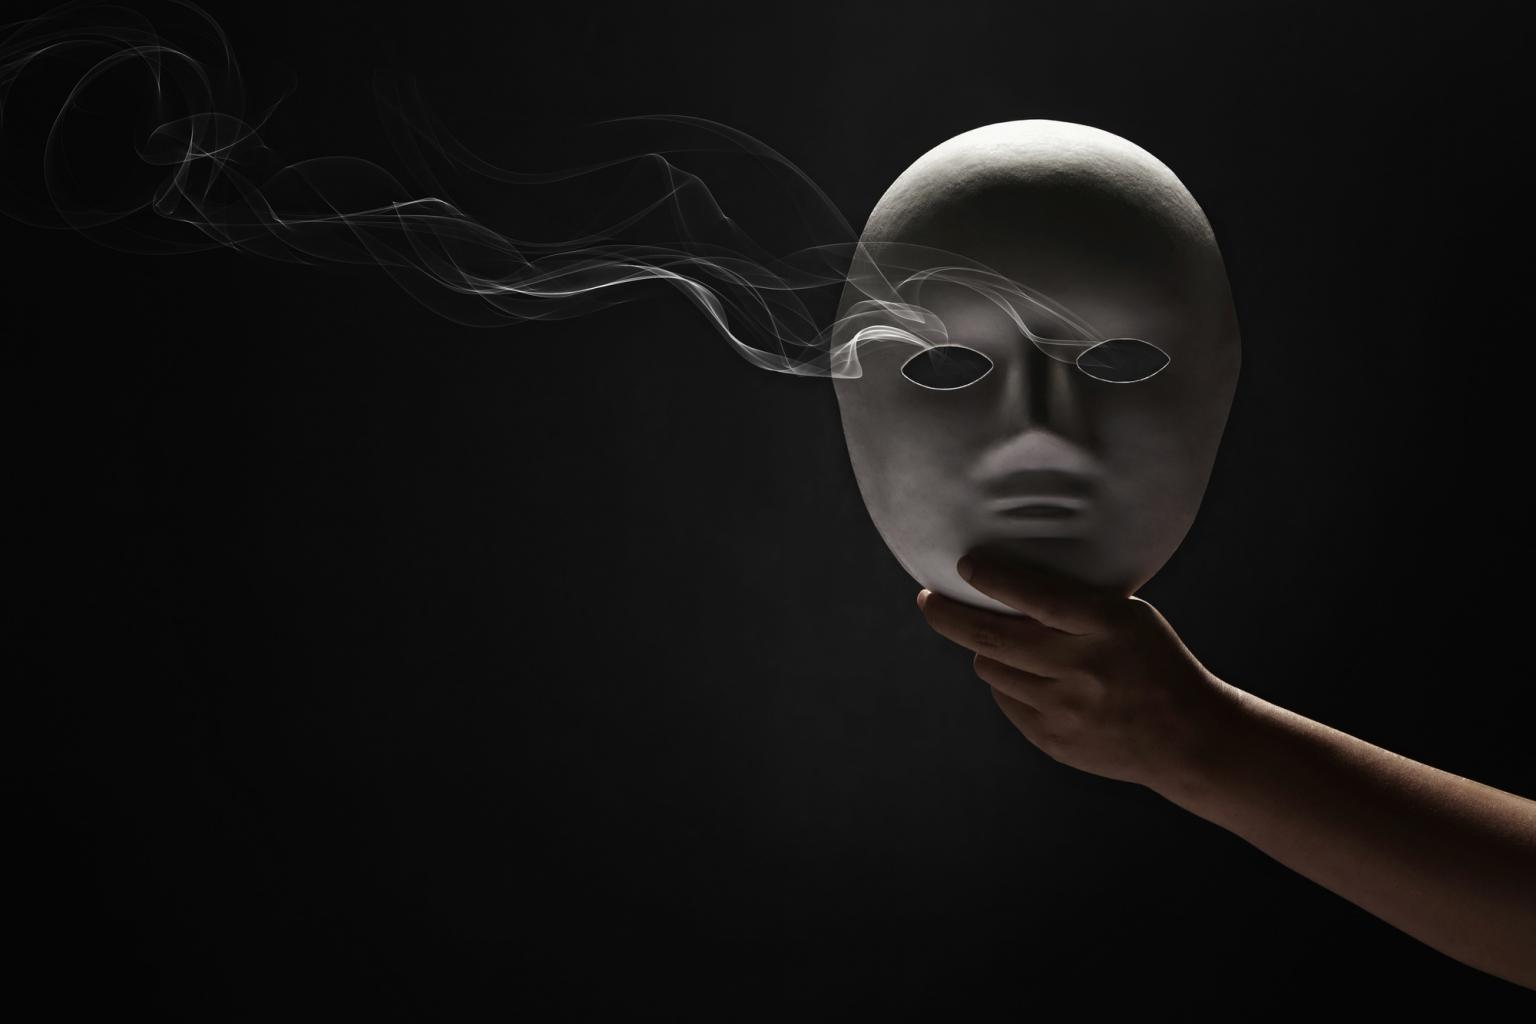 Die 15 besten Horrorfilm Masken aller Zeiten